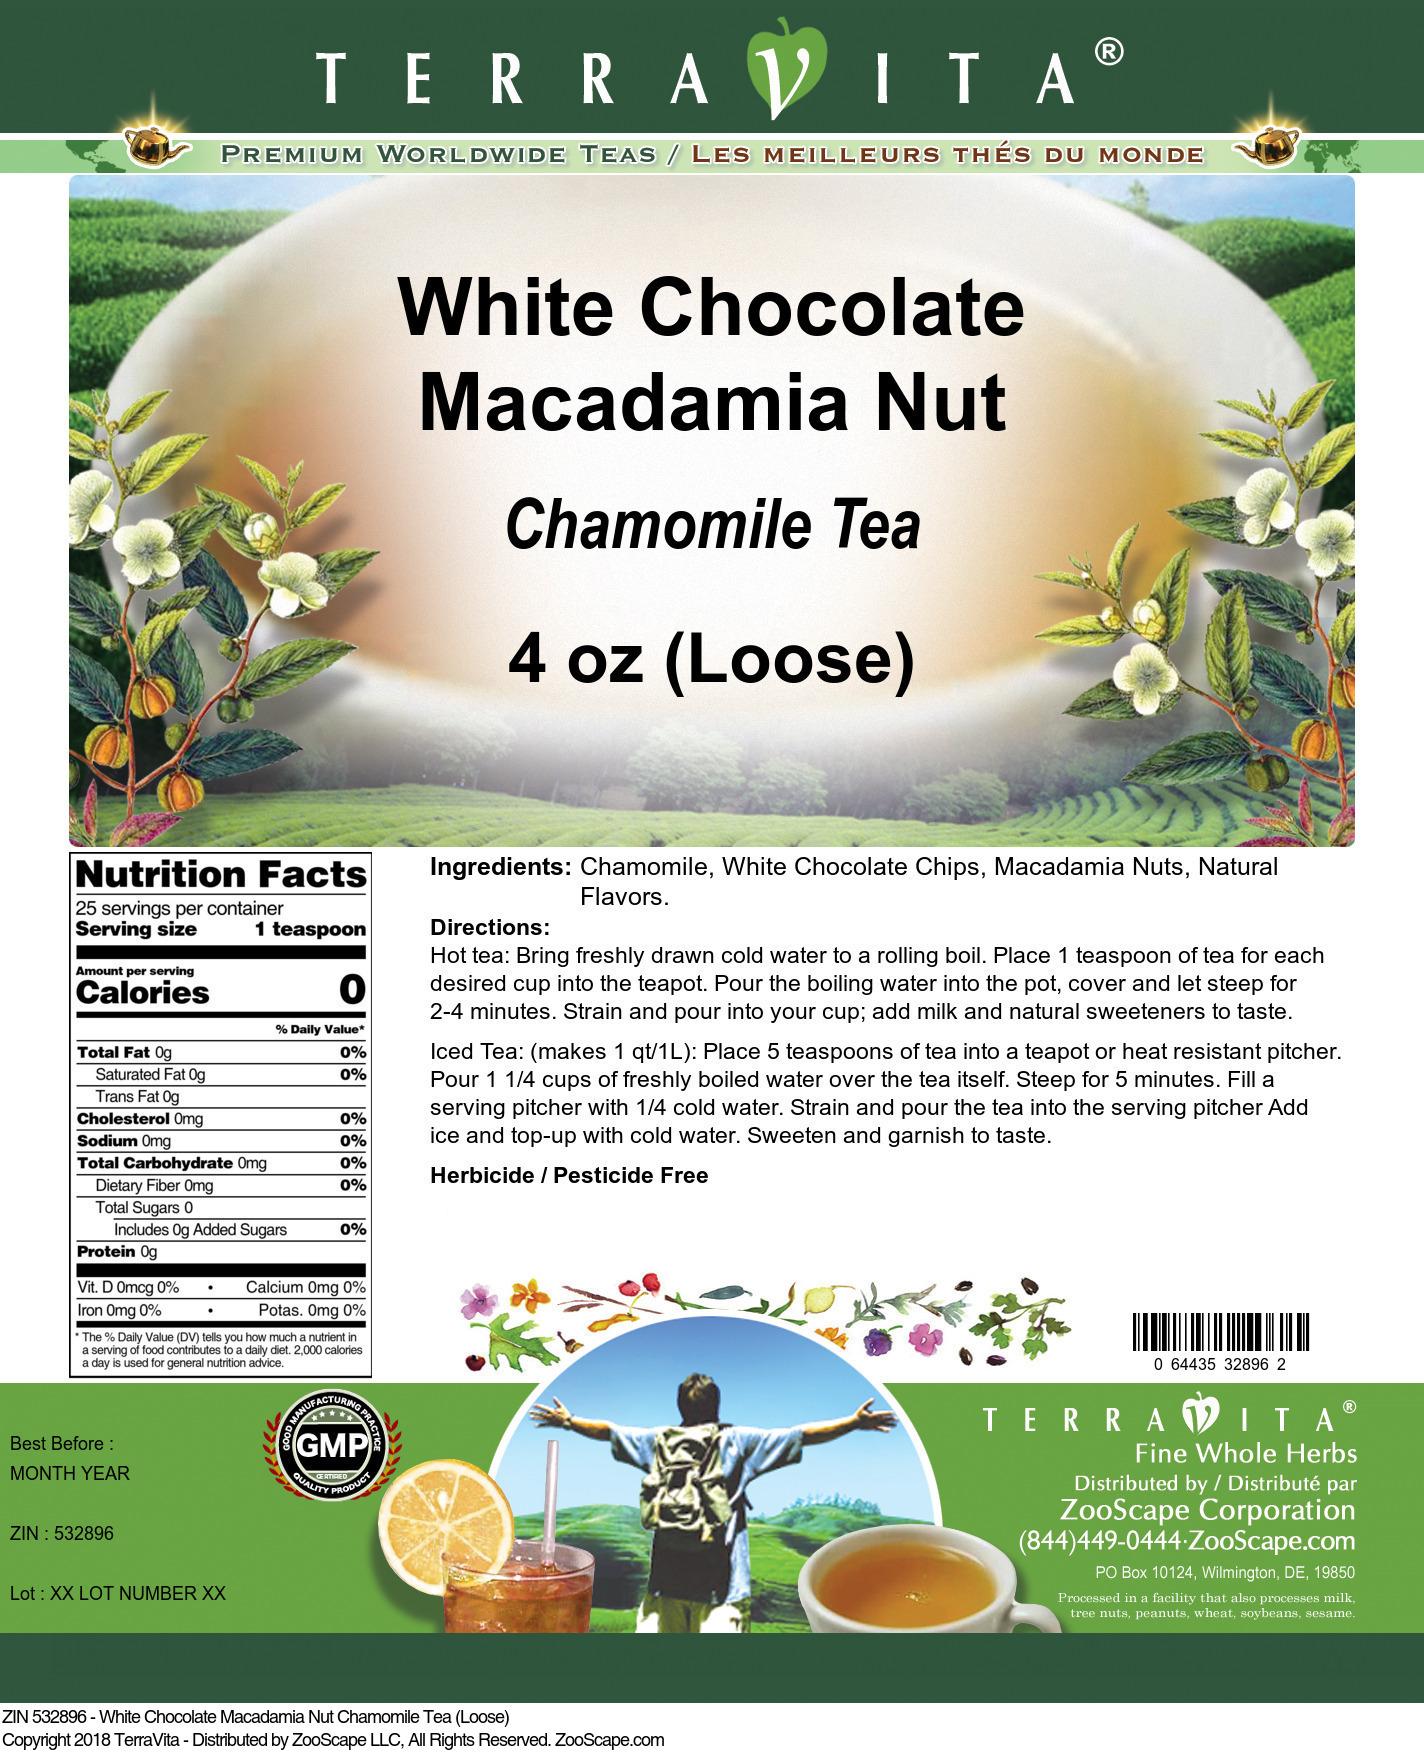 White Chocolate Macadamia Nut Chamomile Tea